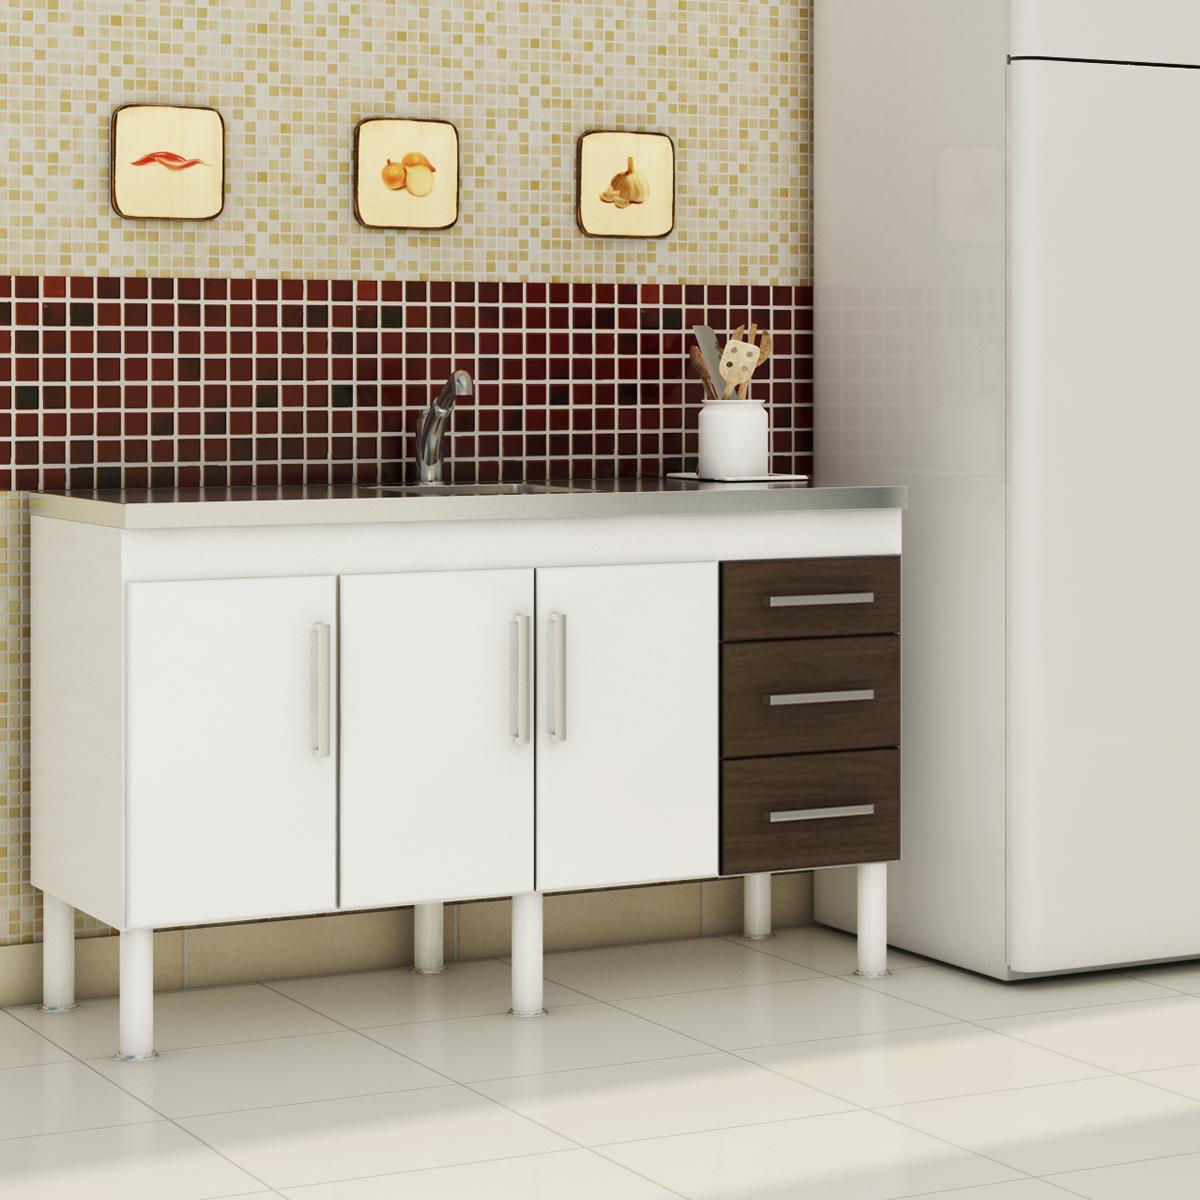 Balcão de cozinha Roma Para Pia 150 Cm  - Branco/Castanho - Mgm